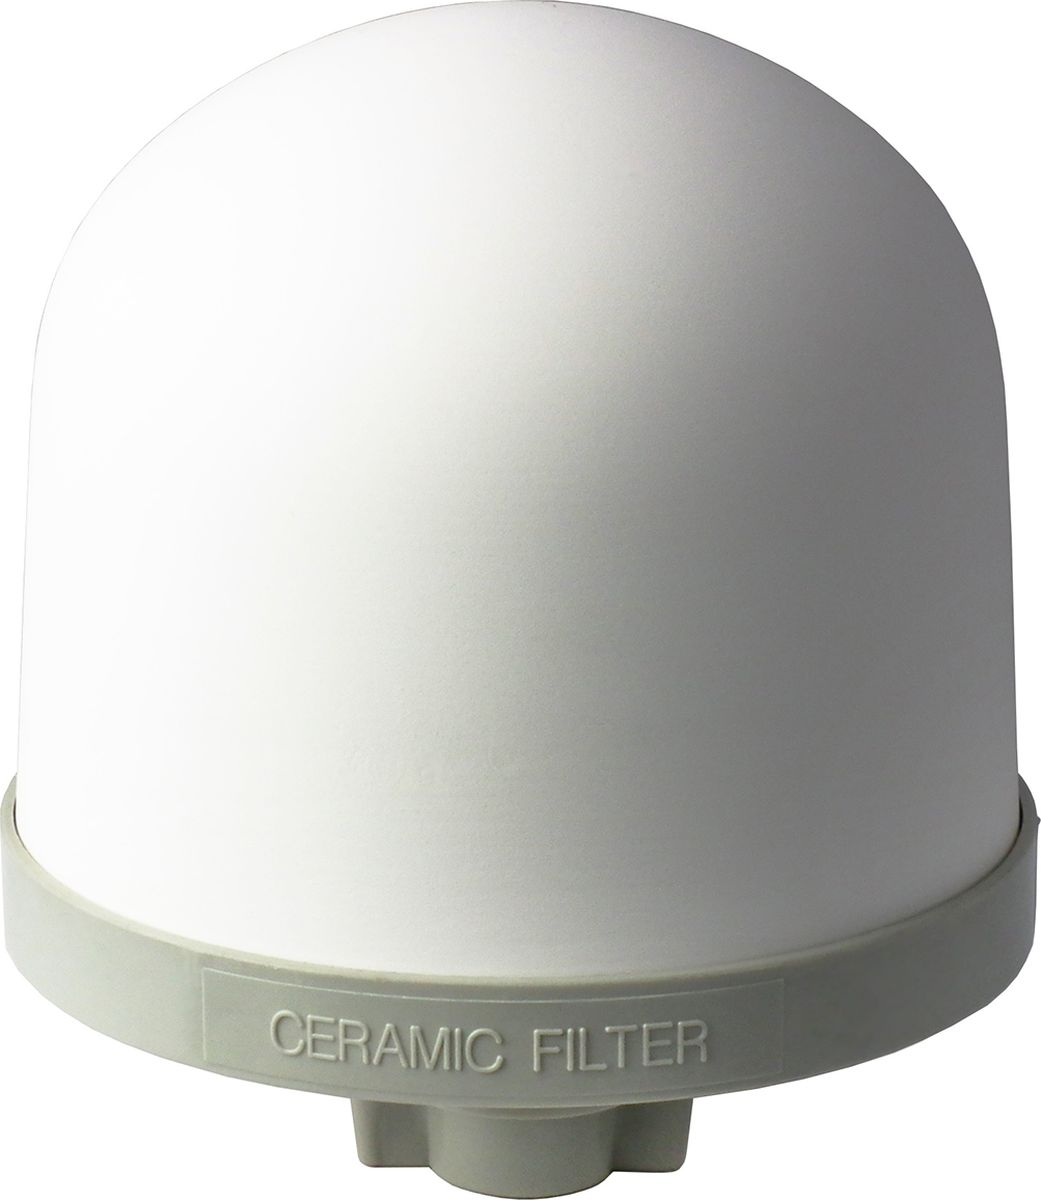 Керамический картридж для Keosan KS-971 и NEO-991 Керамический картридж изготовлен из диатомной керамики высокого давления и его полезные свойства многократно усилены новейшими технологиями. Диаметр фильтрующих отверстий составляет 0,2 микрона. Для сравнения, даже кисты (такие как криптоспоридии и лямблии) являются слишком большими по размеру, чтобы пройти через крошечные поры керамического фильтра. Керамический фильтр - это первая ступень очистки в фильтрах для воды KeoSan. Благодаря уникальной запатентованной системе производства фильтр позволяет эффективно устранять такие загрязнения как: различные виды осадков в воде; взвеси из водопроводной воды; элементы ржавчины; хлор; песок; микроорганизмы; Керамический фильтр предварительной очистки подходит к моделям KeoSan KS-971 и NEO-991, срок службы до полутора лет. В зависимости от качества воды и условий эксплуатации этот срок может уменьшиться. Керамический картридж изготовлен из диатомной керамики высокого давления и его полезные свойства многократно усилены новейшими технологиями. Диаметр фильтрующих отверстий составляет 0,2 микрона.